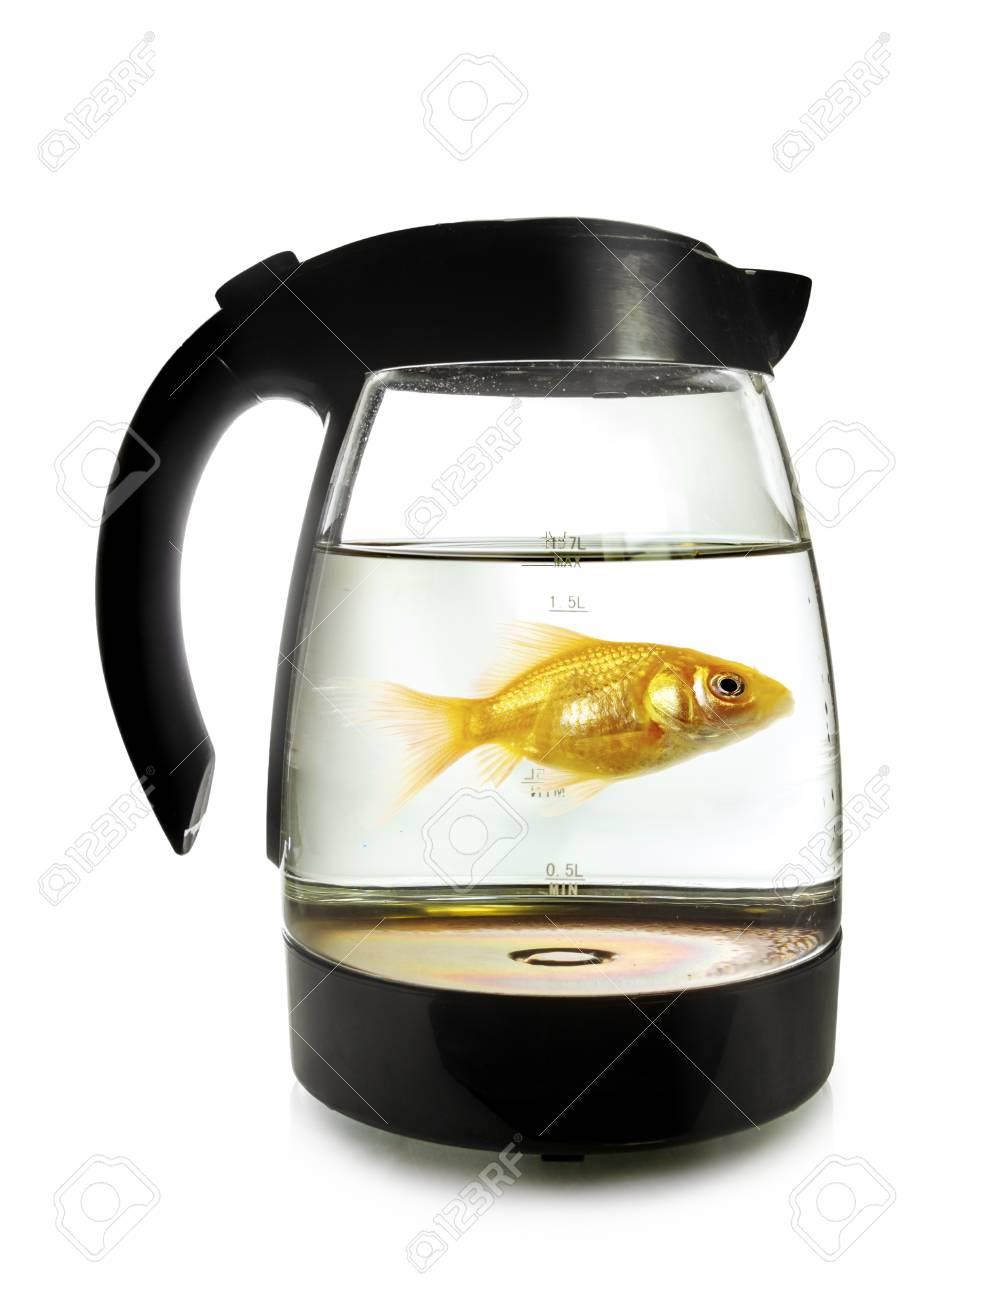 電気ケトル、白い背景で隔離の泳ぎ回る金魚 の写真素材・画像素材 ...